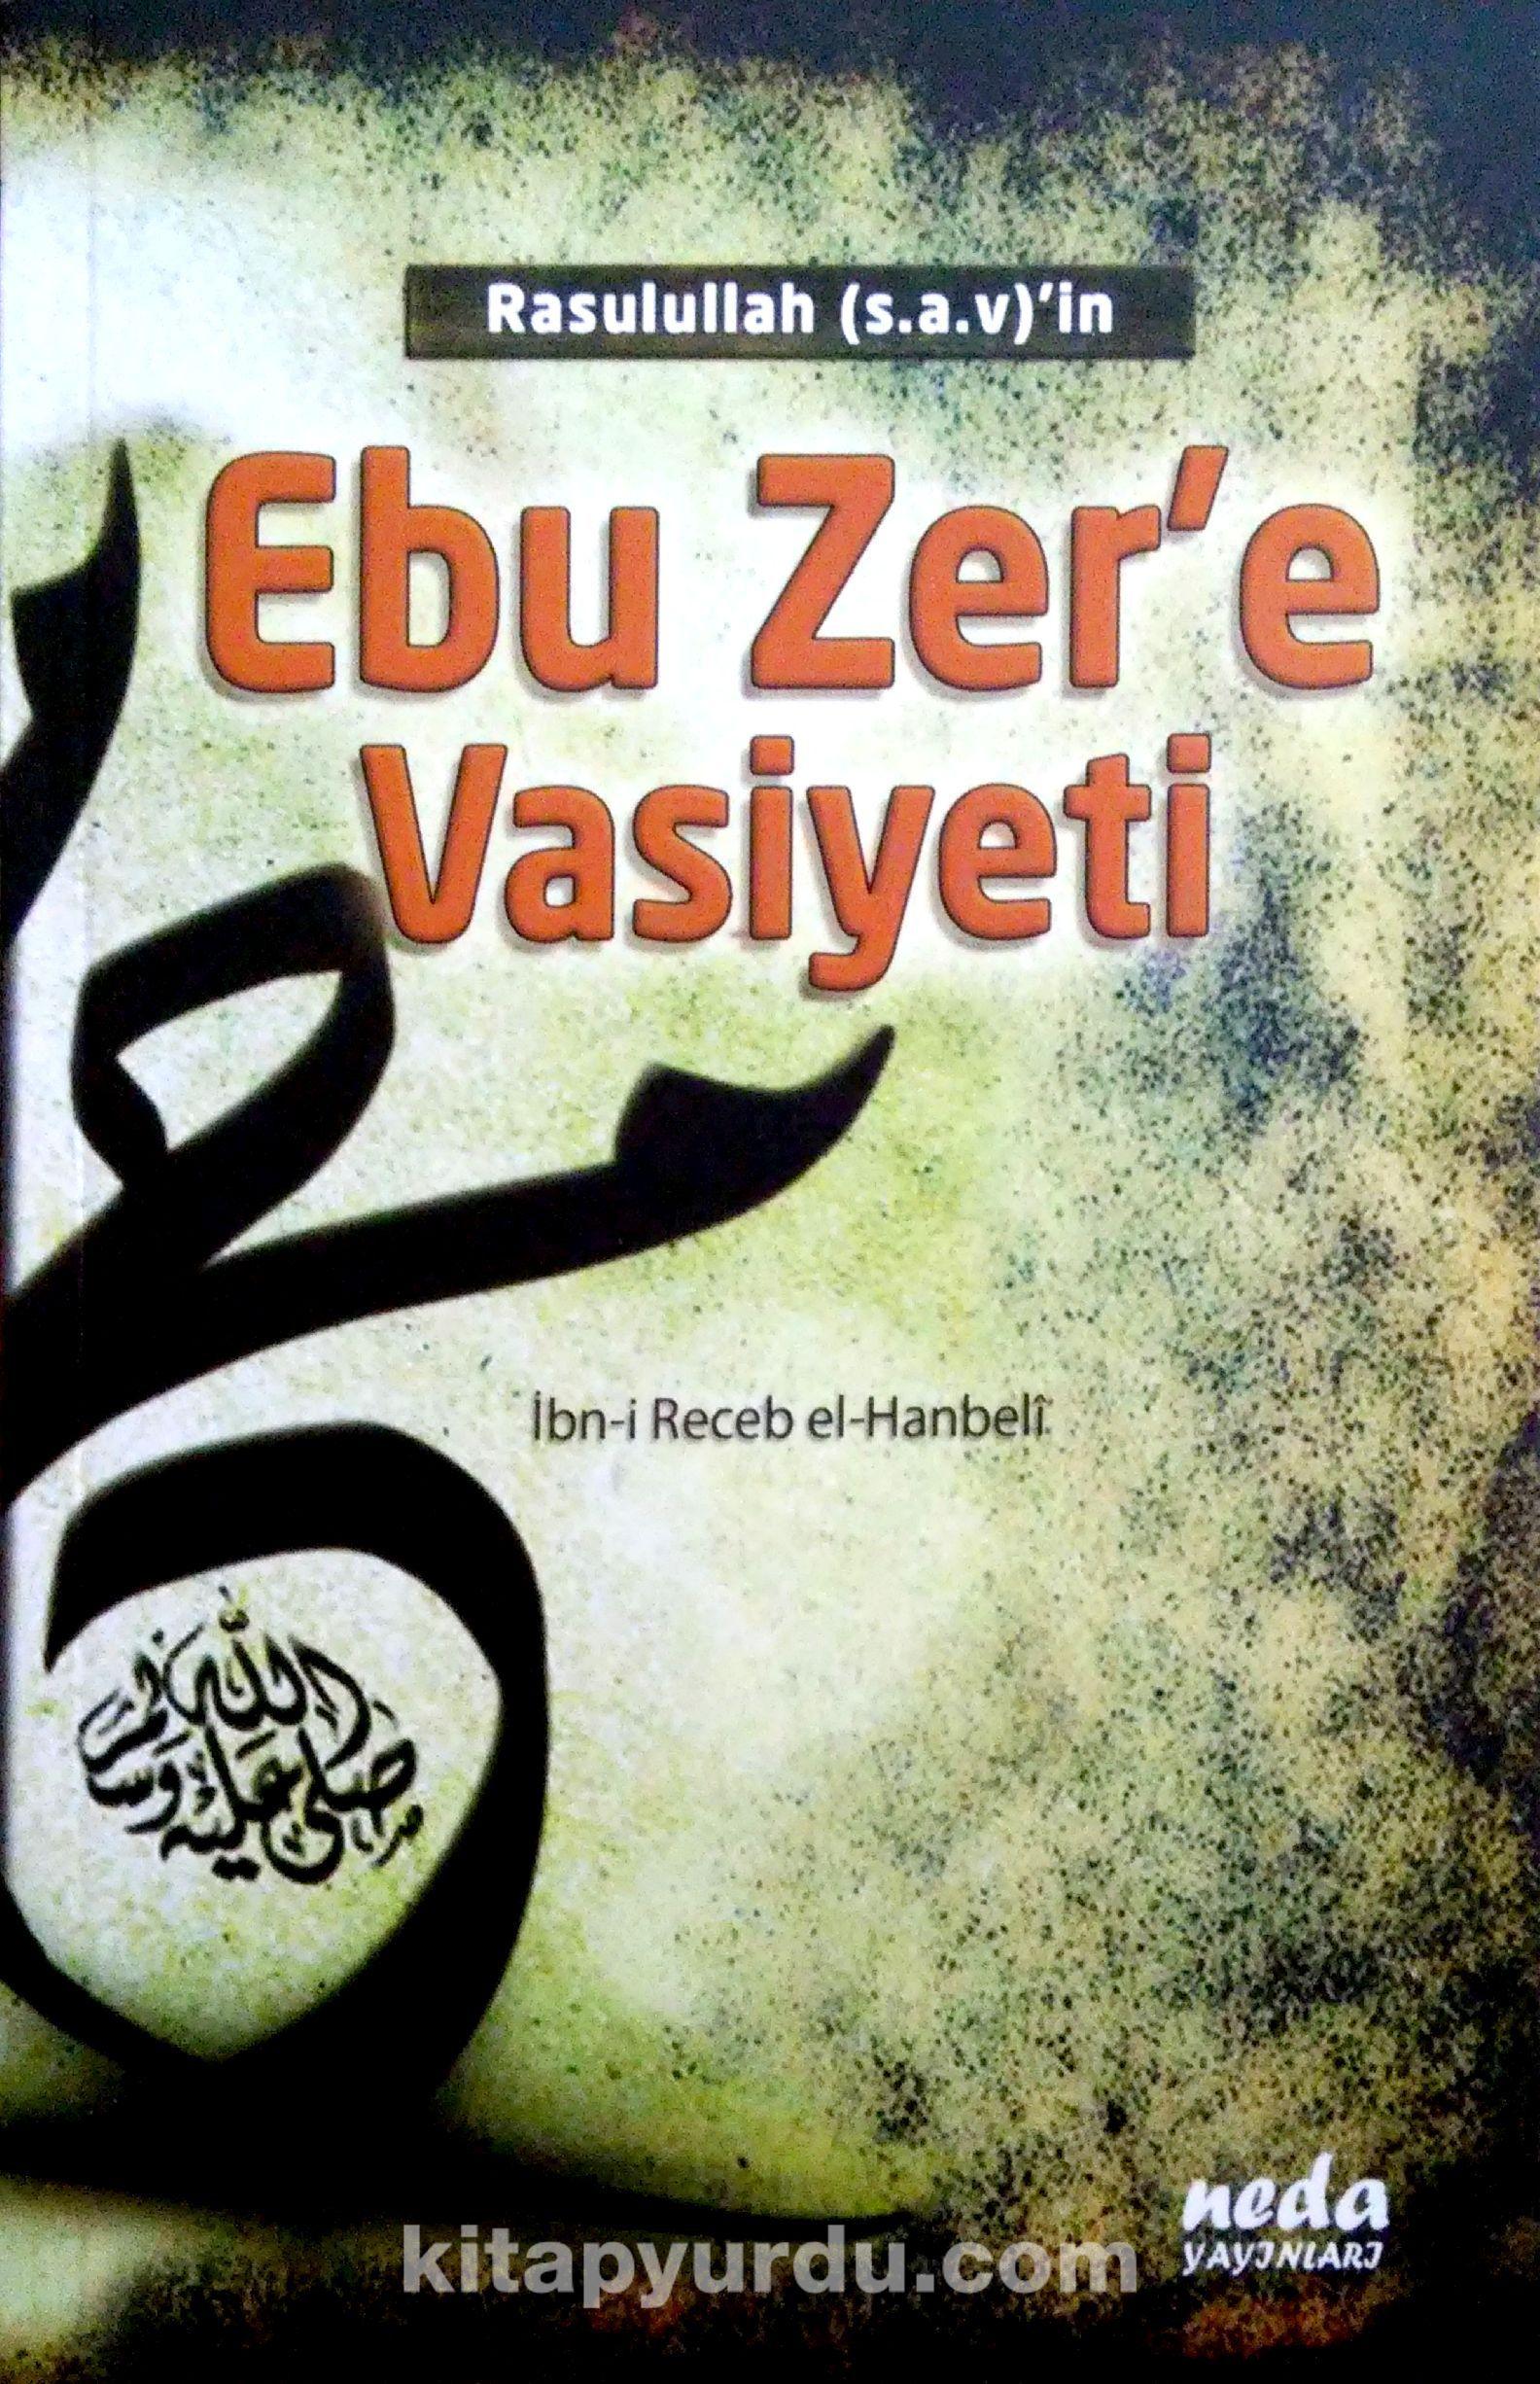 Rasulullah (s.a.v.)'in Ebu Zer'e Vasiyeti - İmam İbni Recep el-Hanbeli pdf epub